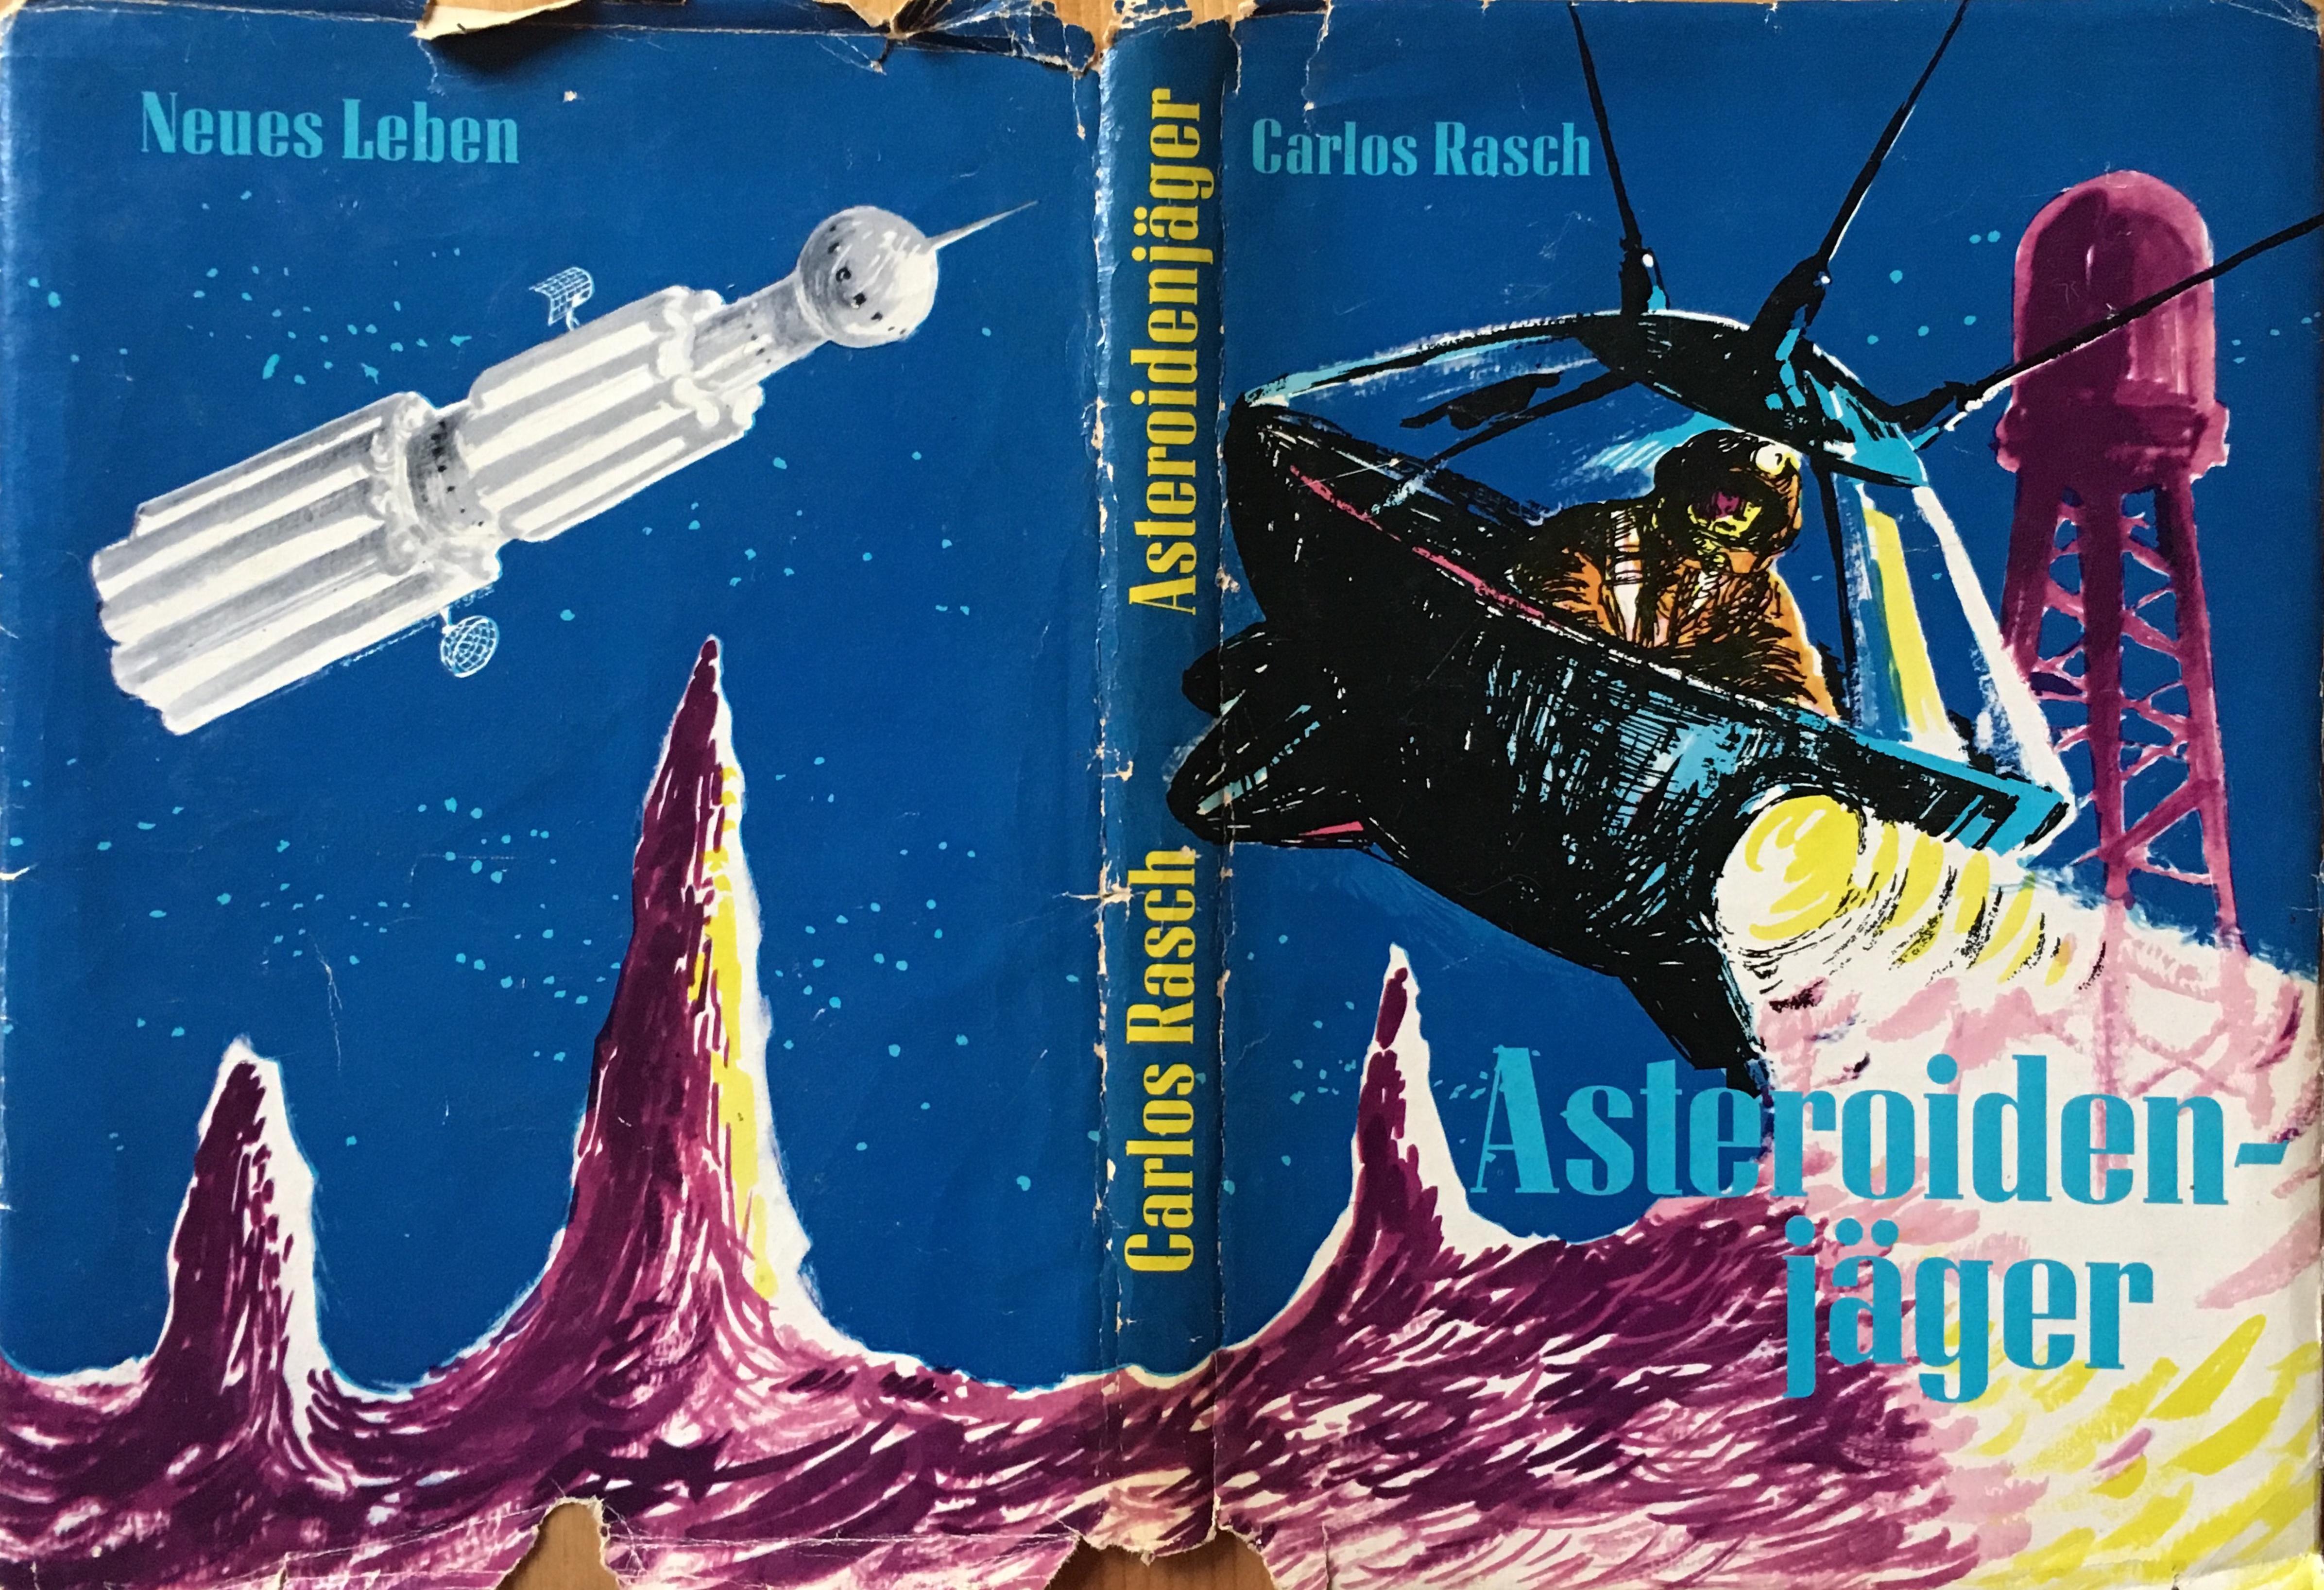 Asteroidenjäger - Carlos Rasch, Buchcover. Illustrationen: Hans Räde